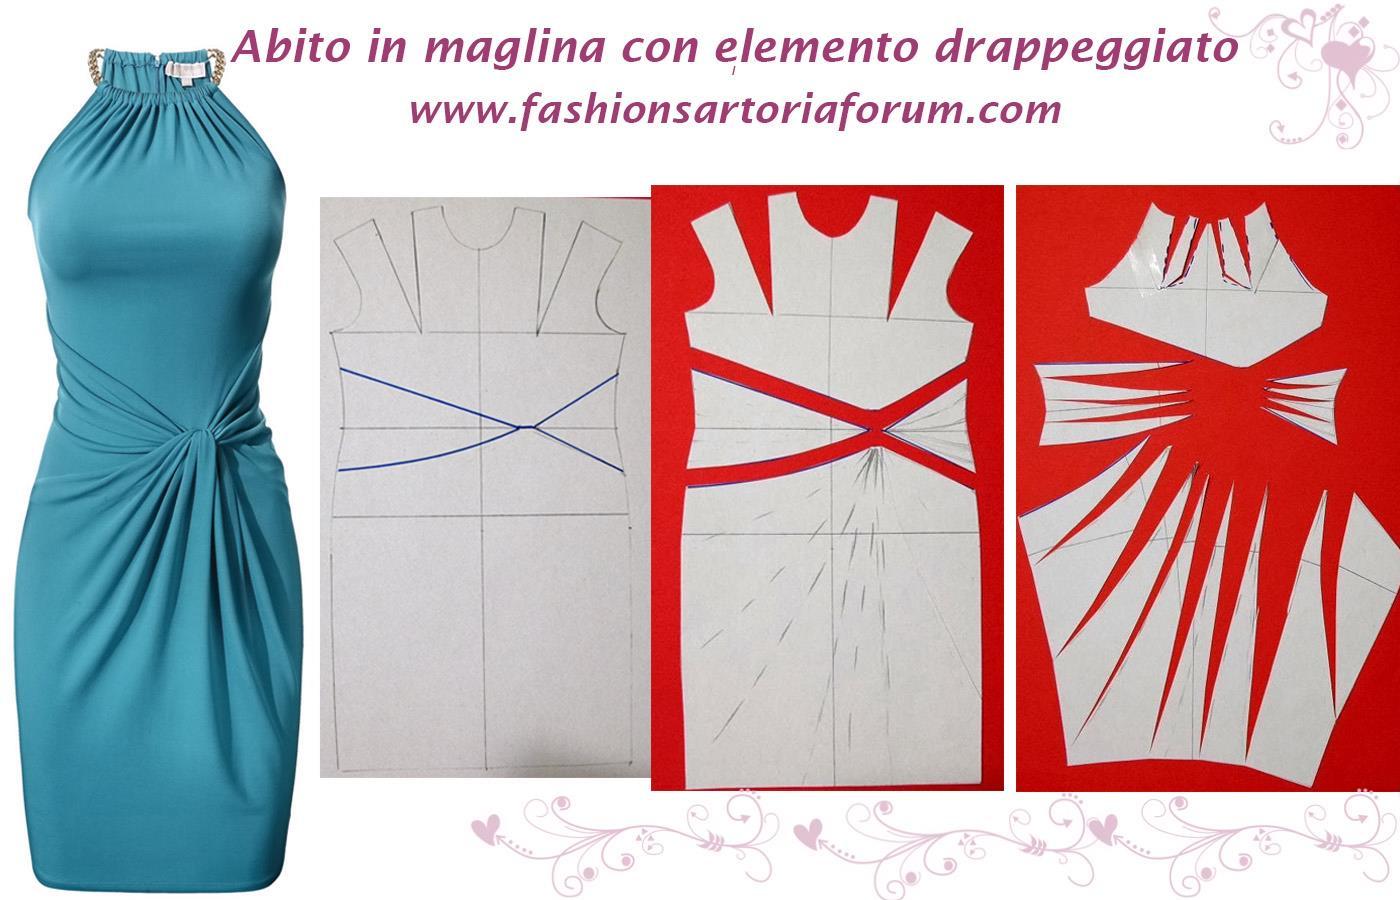 Favorito FASHION & SARTORIA: ABITO IN MAGLINA CON DRAPPEGGIO - Modellistica PT41